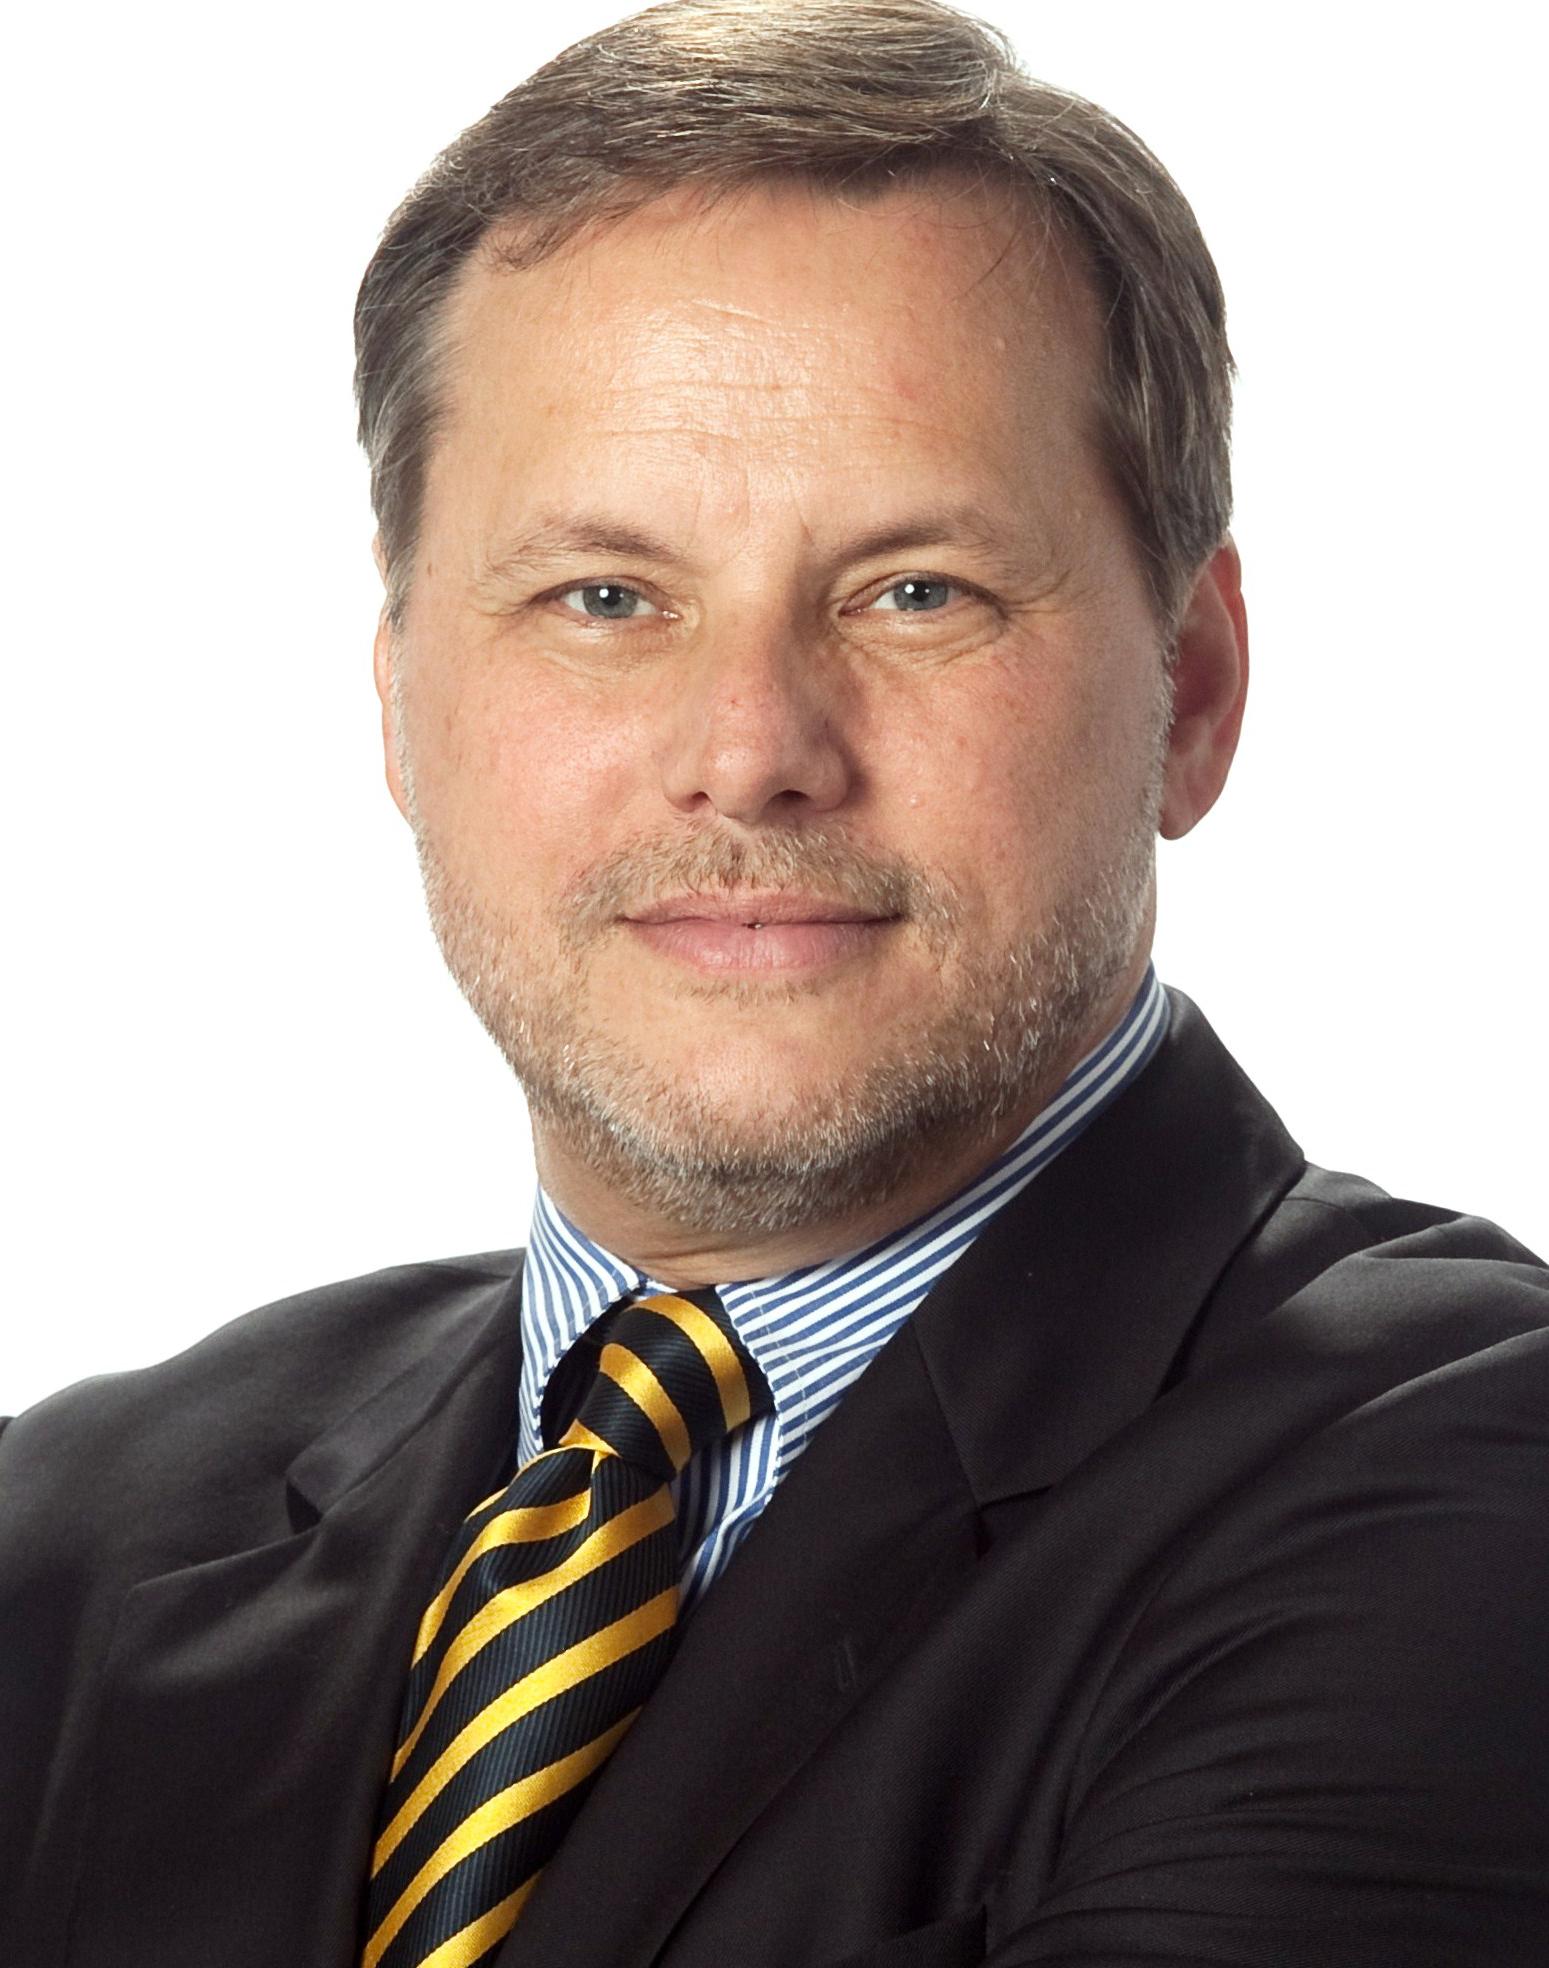 Randy Lichtman